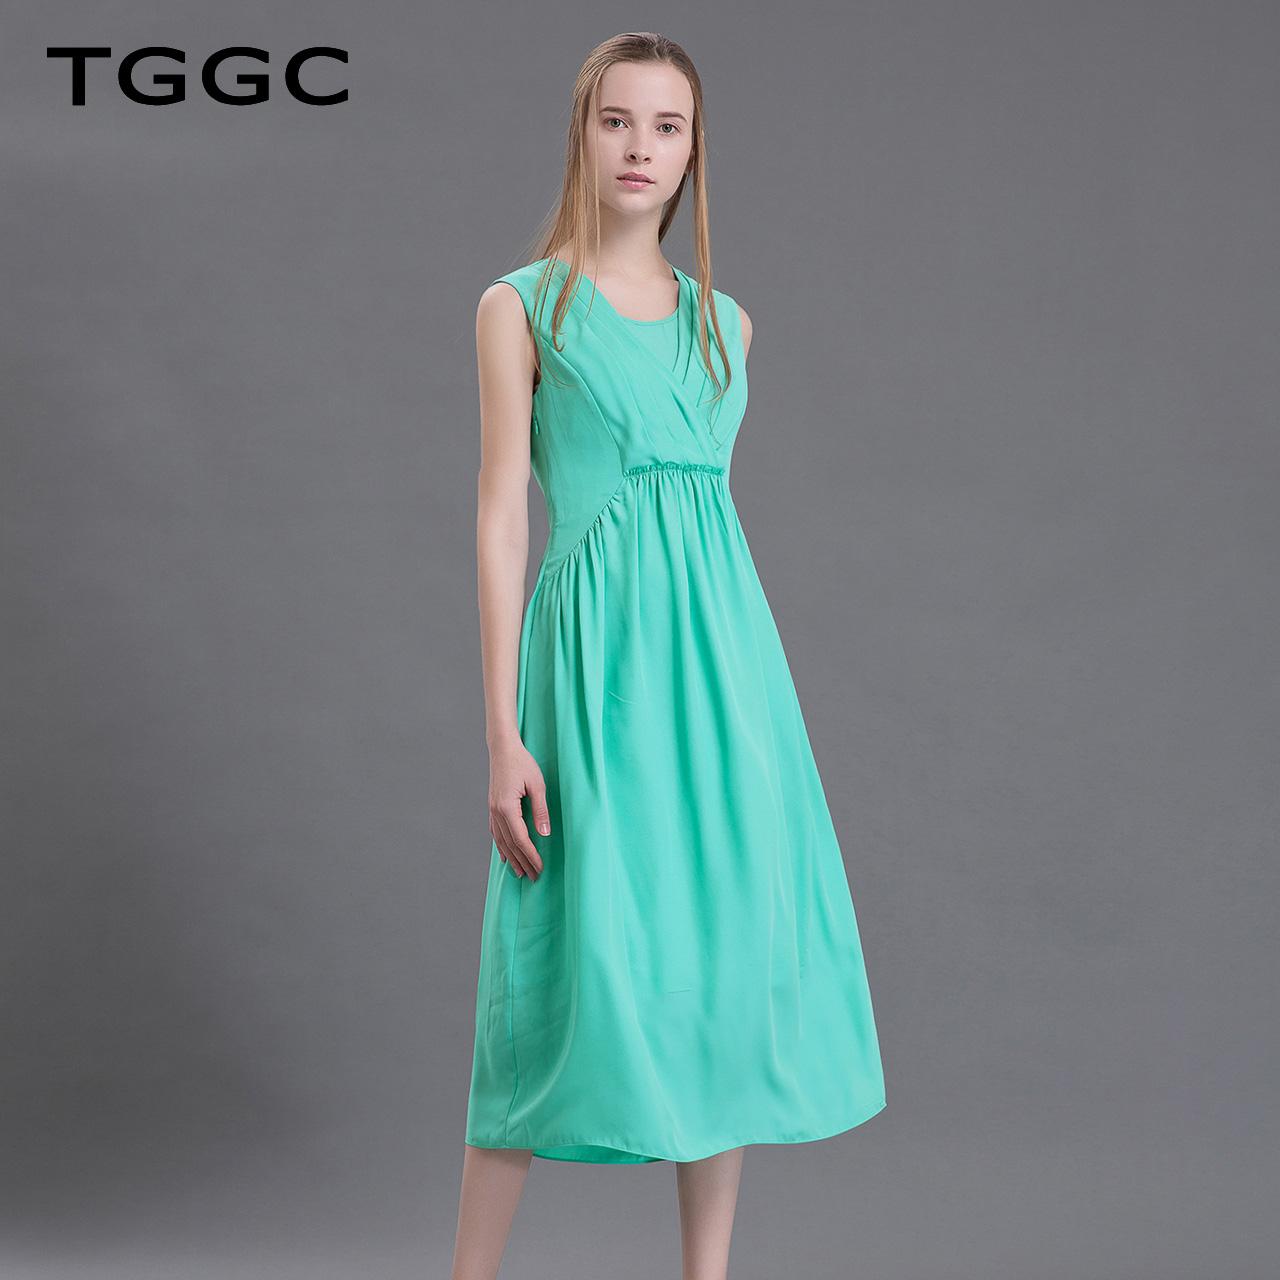 TGGC 2018年夏装 无袖修身高腰纯色气质雪纺女显瘦连衣裙 F20355